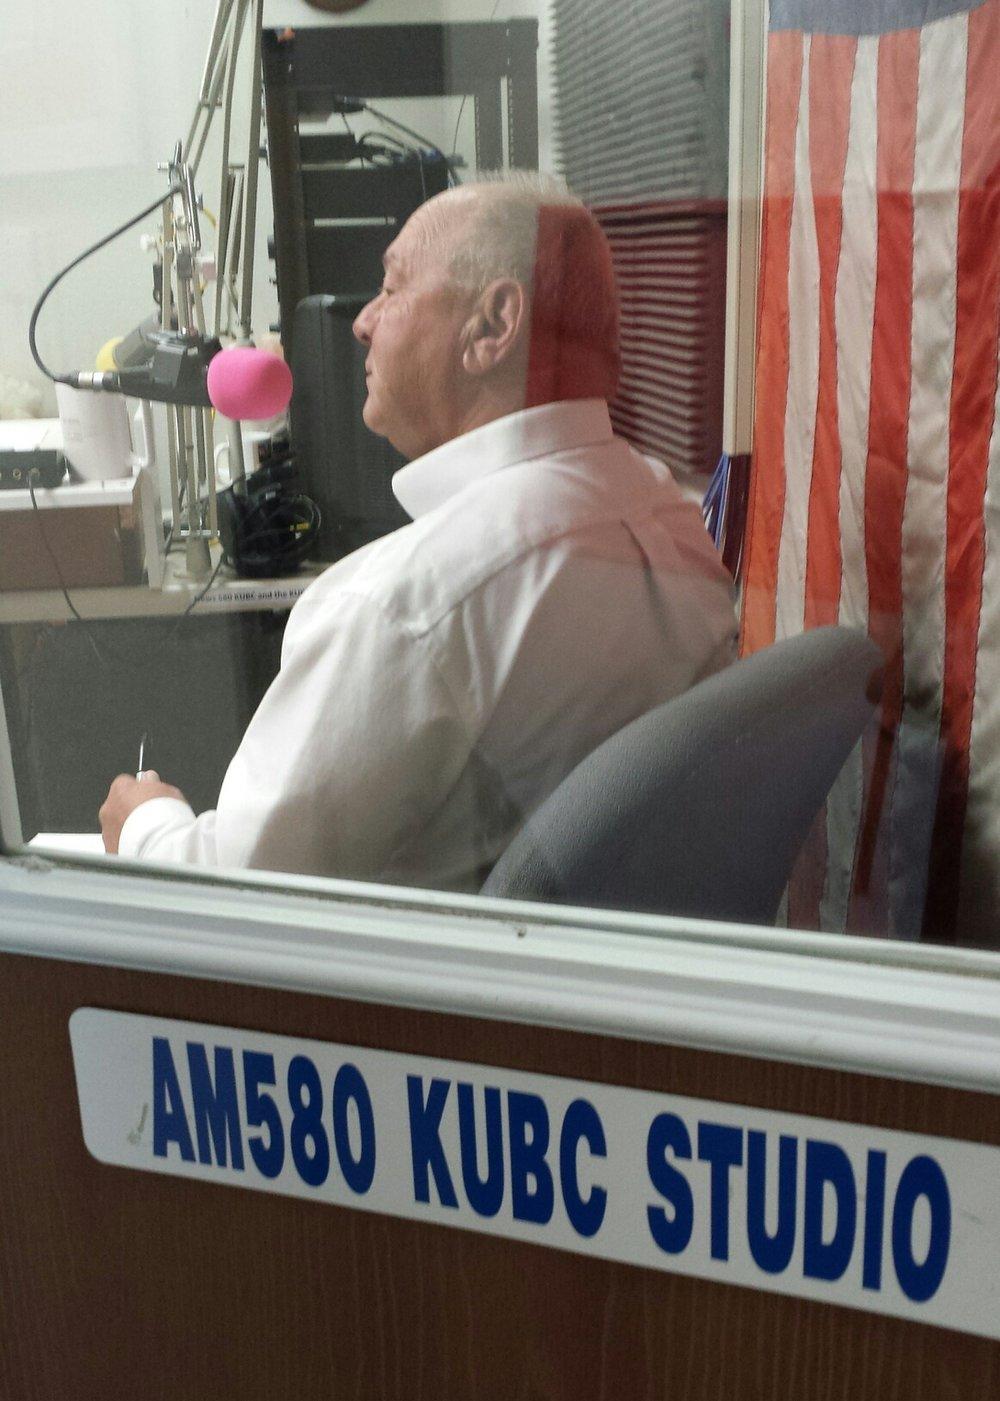 Am580 KuBC Studio.jpg